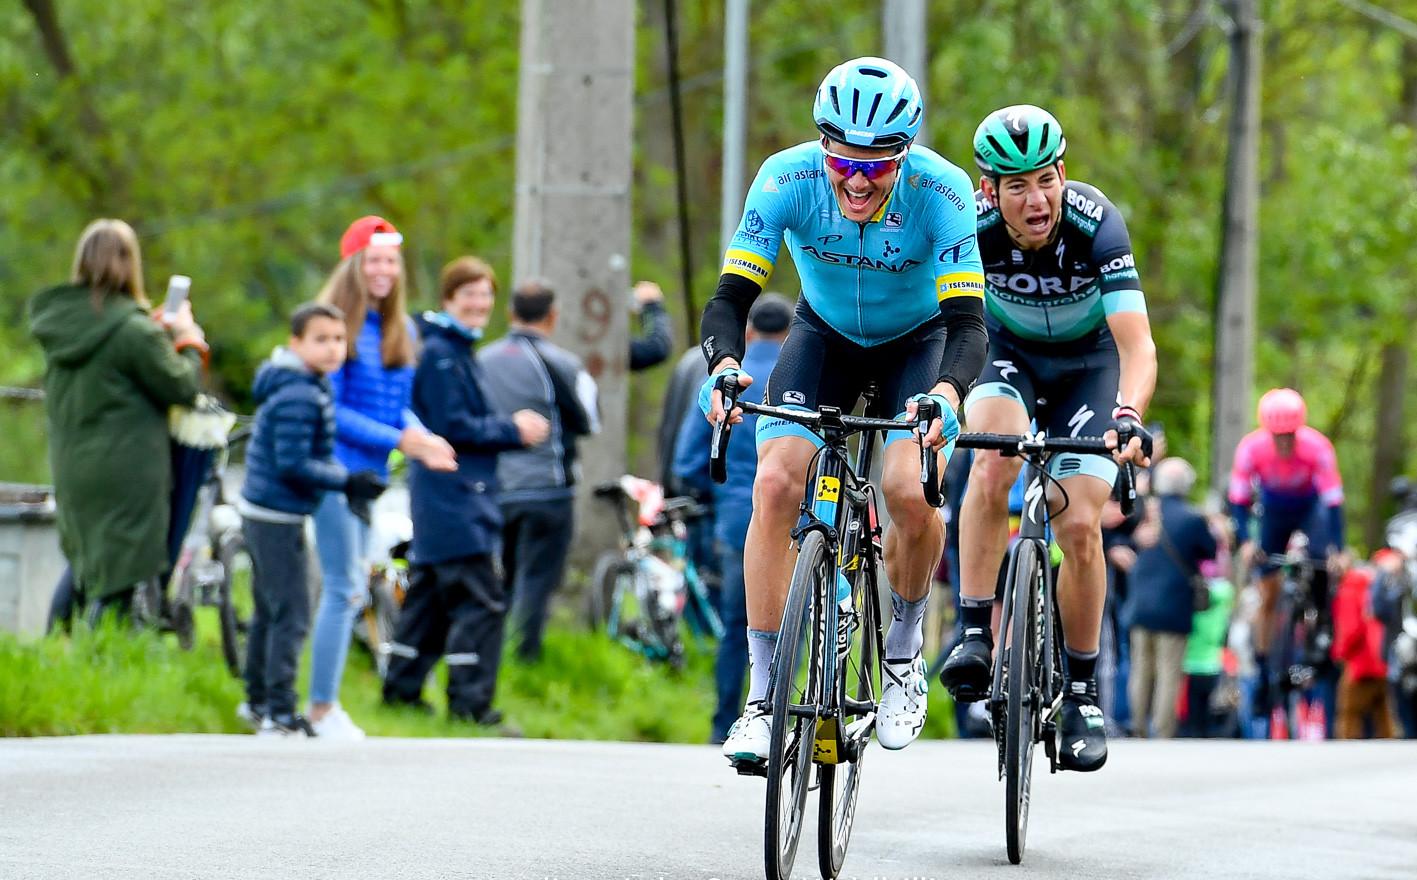 Jakob Fuglsang (DK/Astana) and Davide Formolo (I/Bora) at the climb of La Roche en Faucons at Liège-Bastogne-Liège 2019.